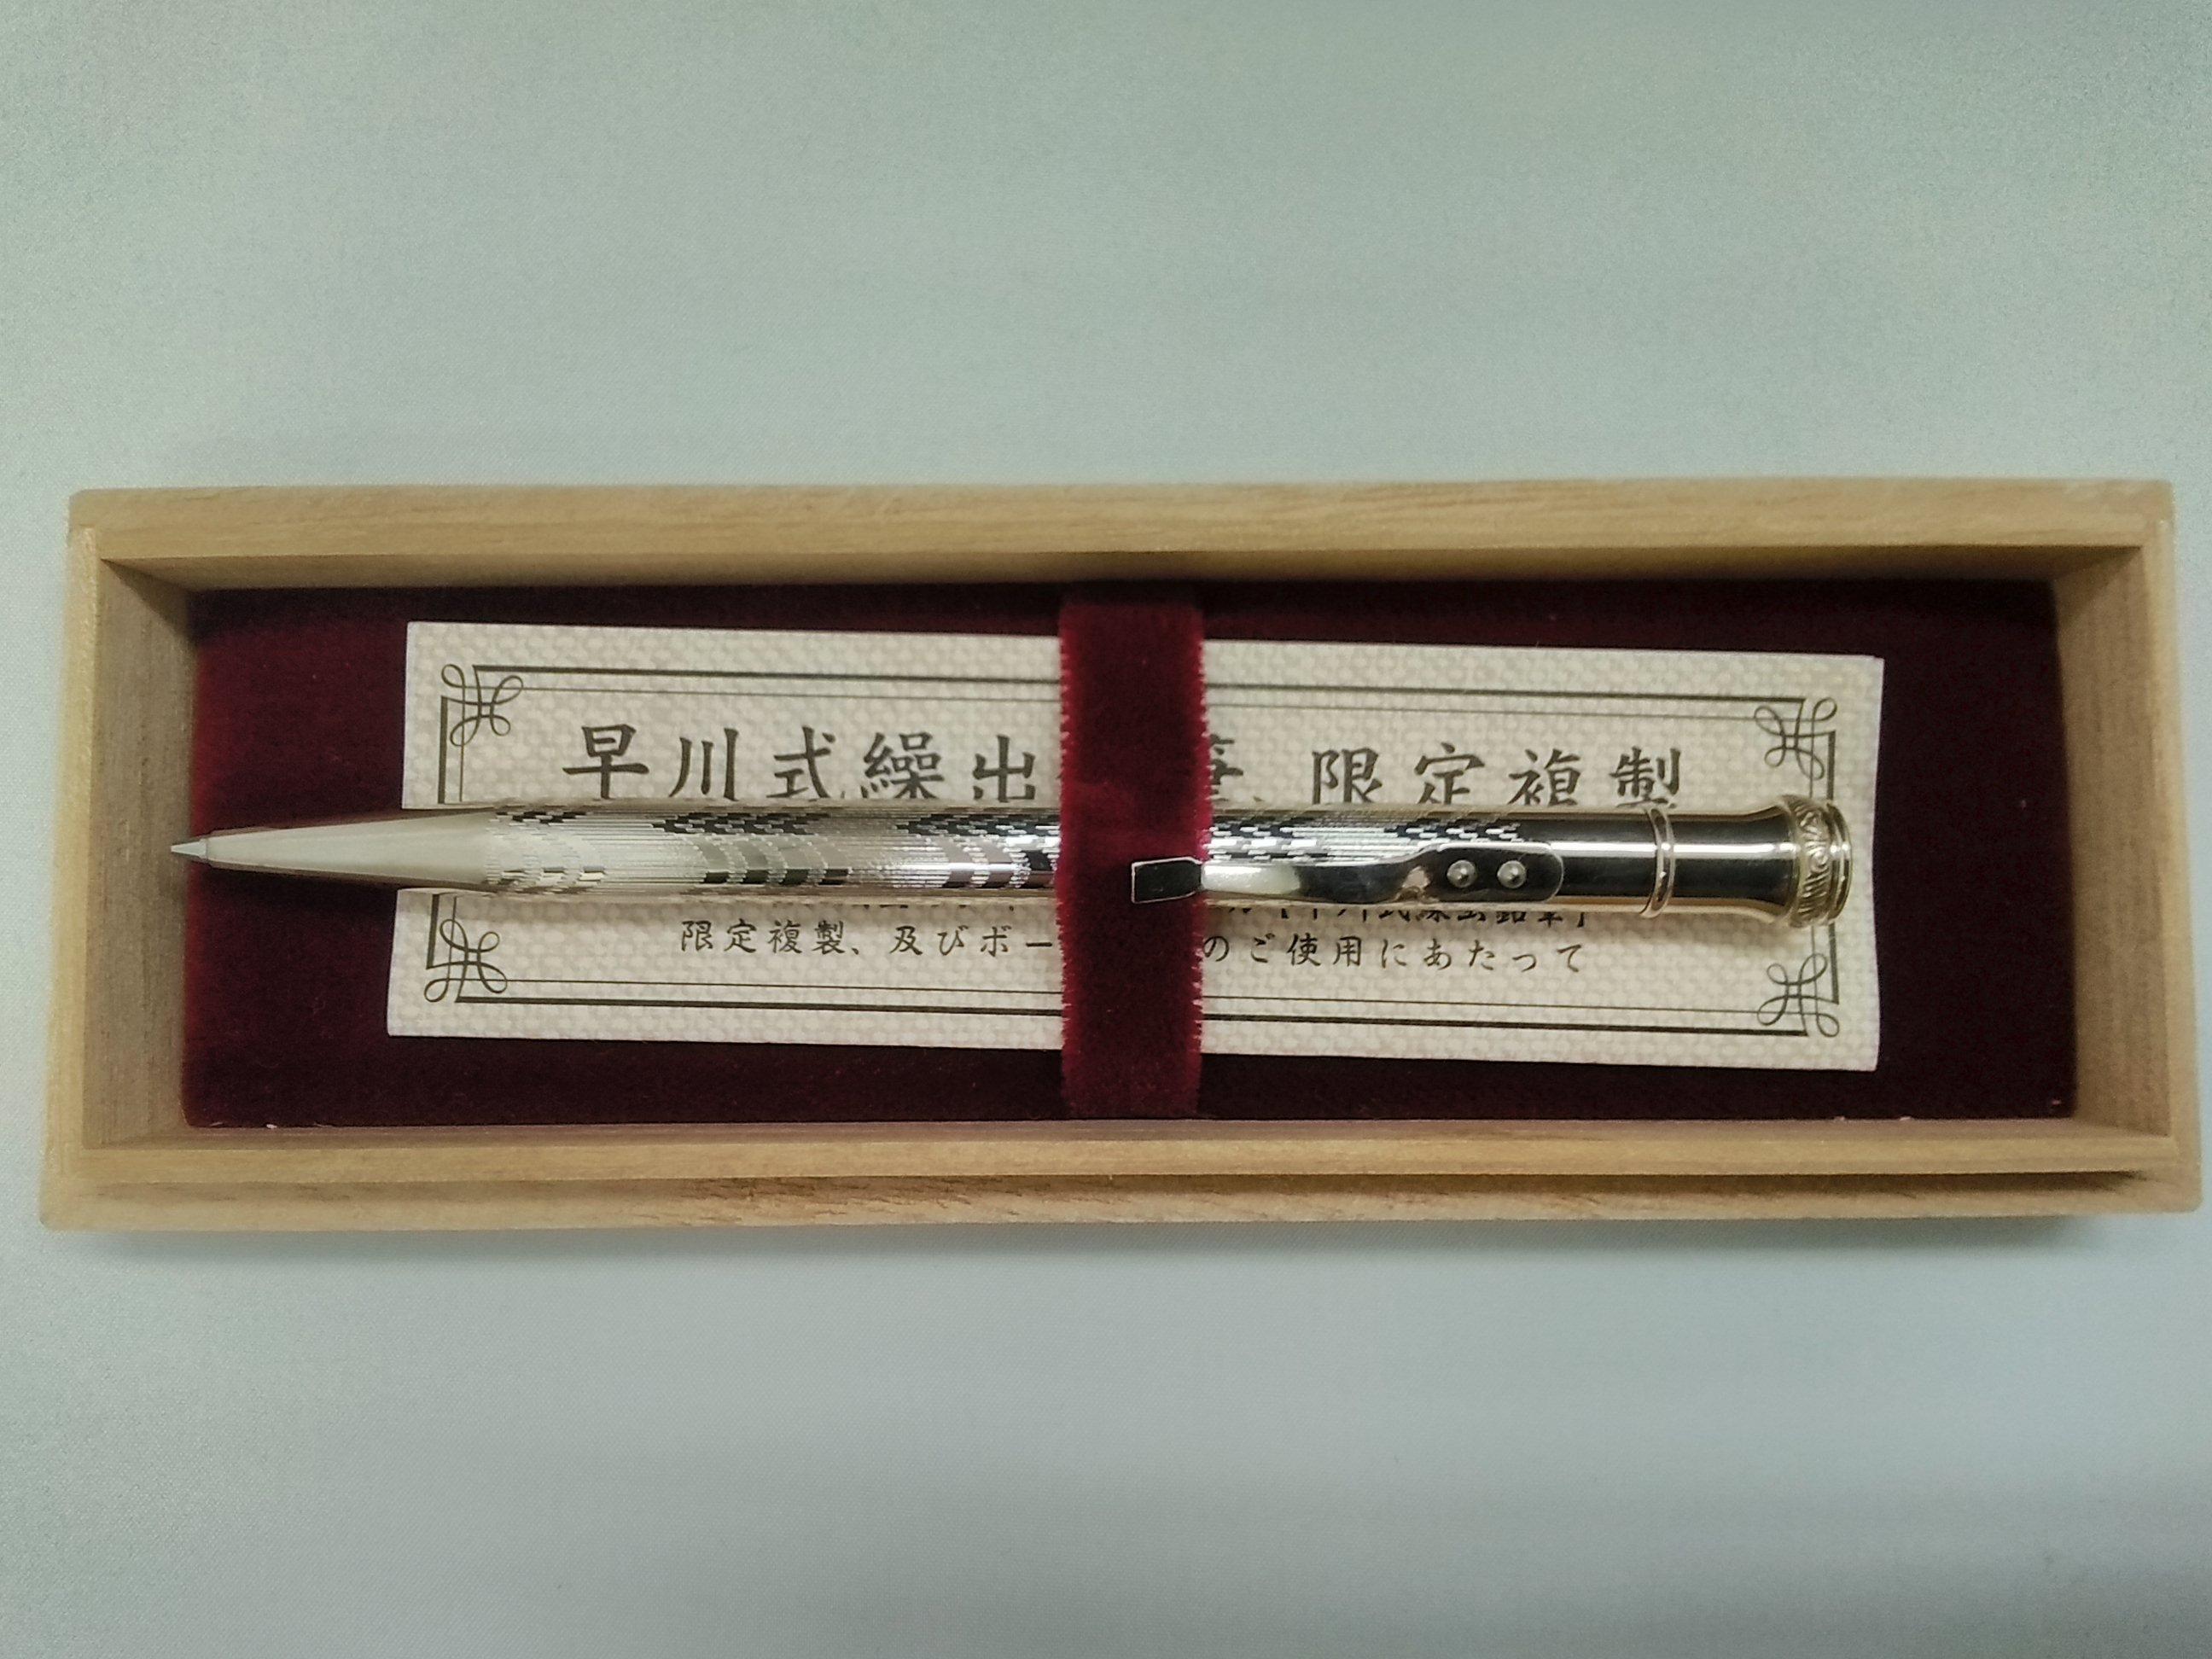 限定複製 早川式繰出鉛筆 プラチナ萬鉛筆